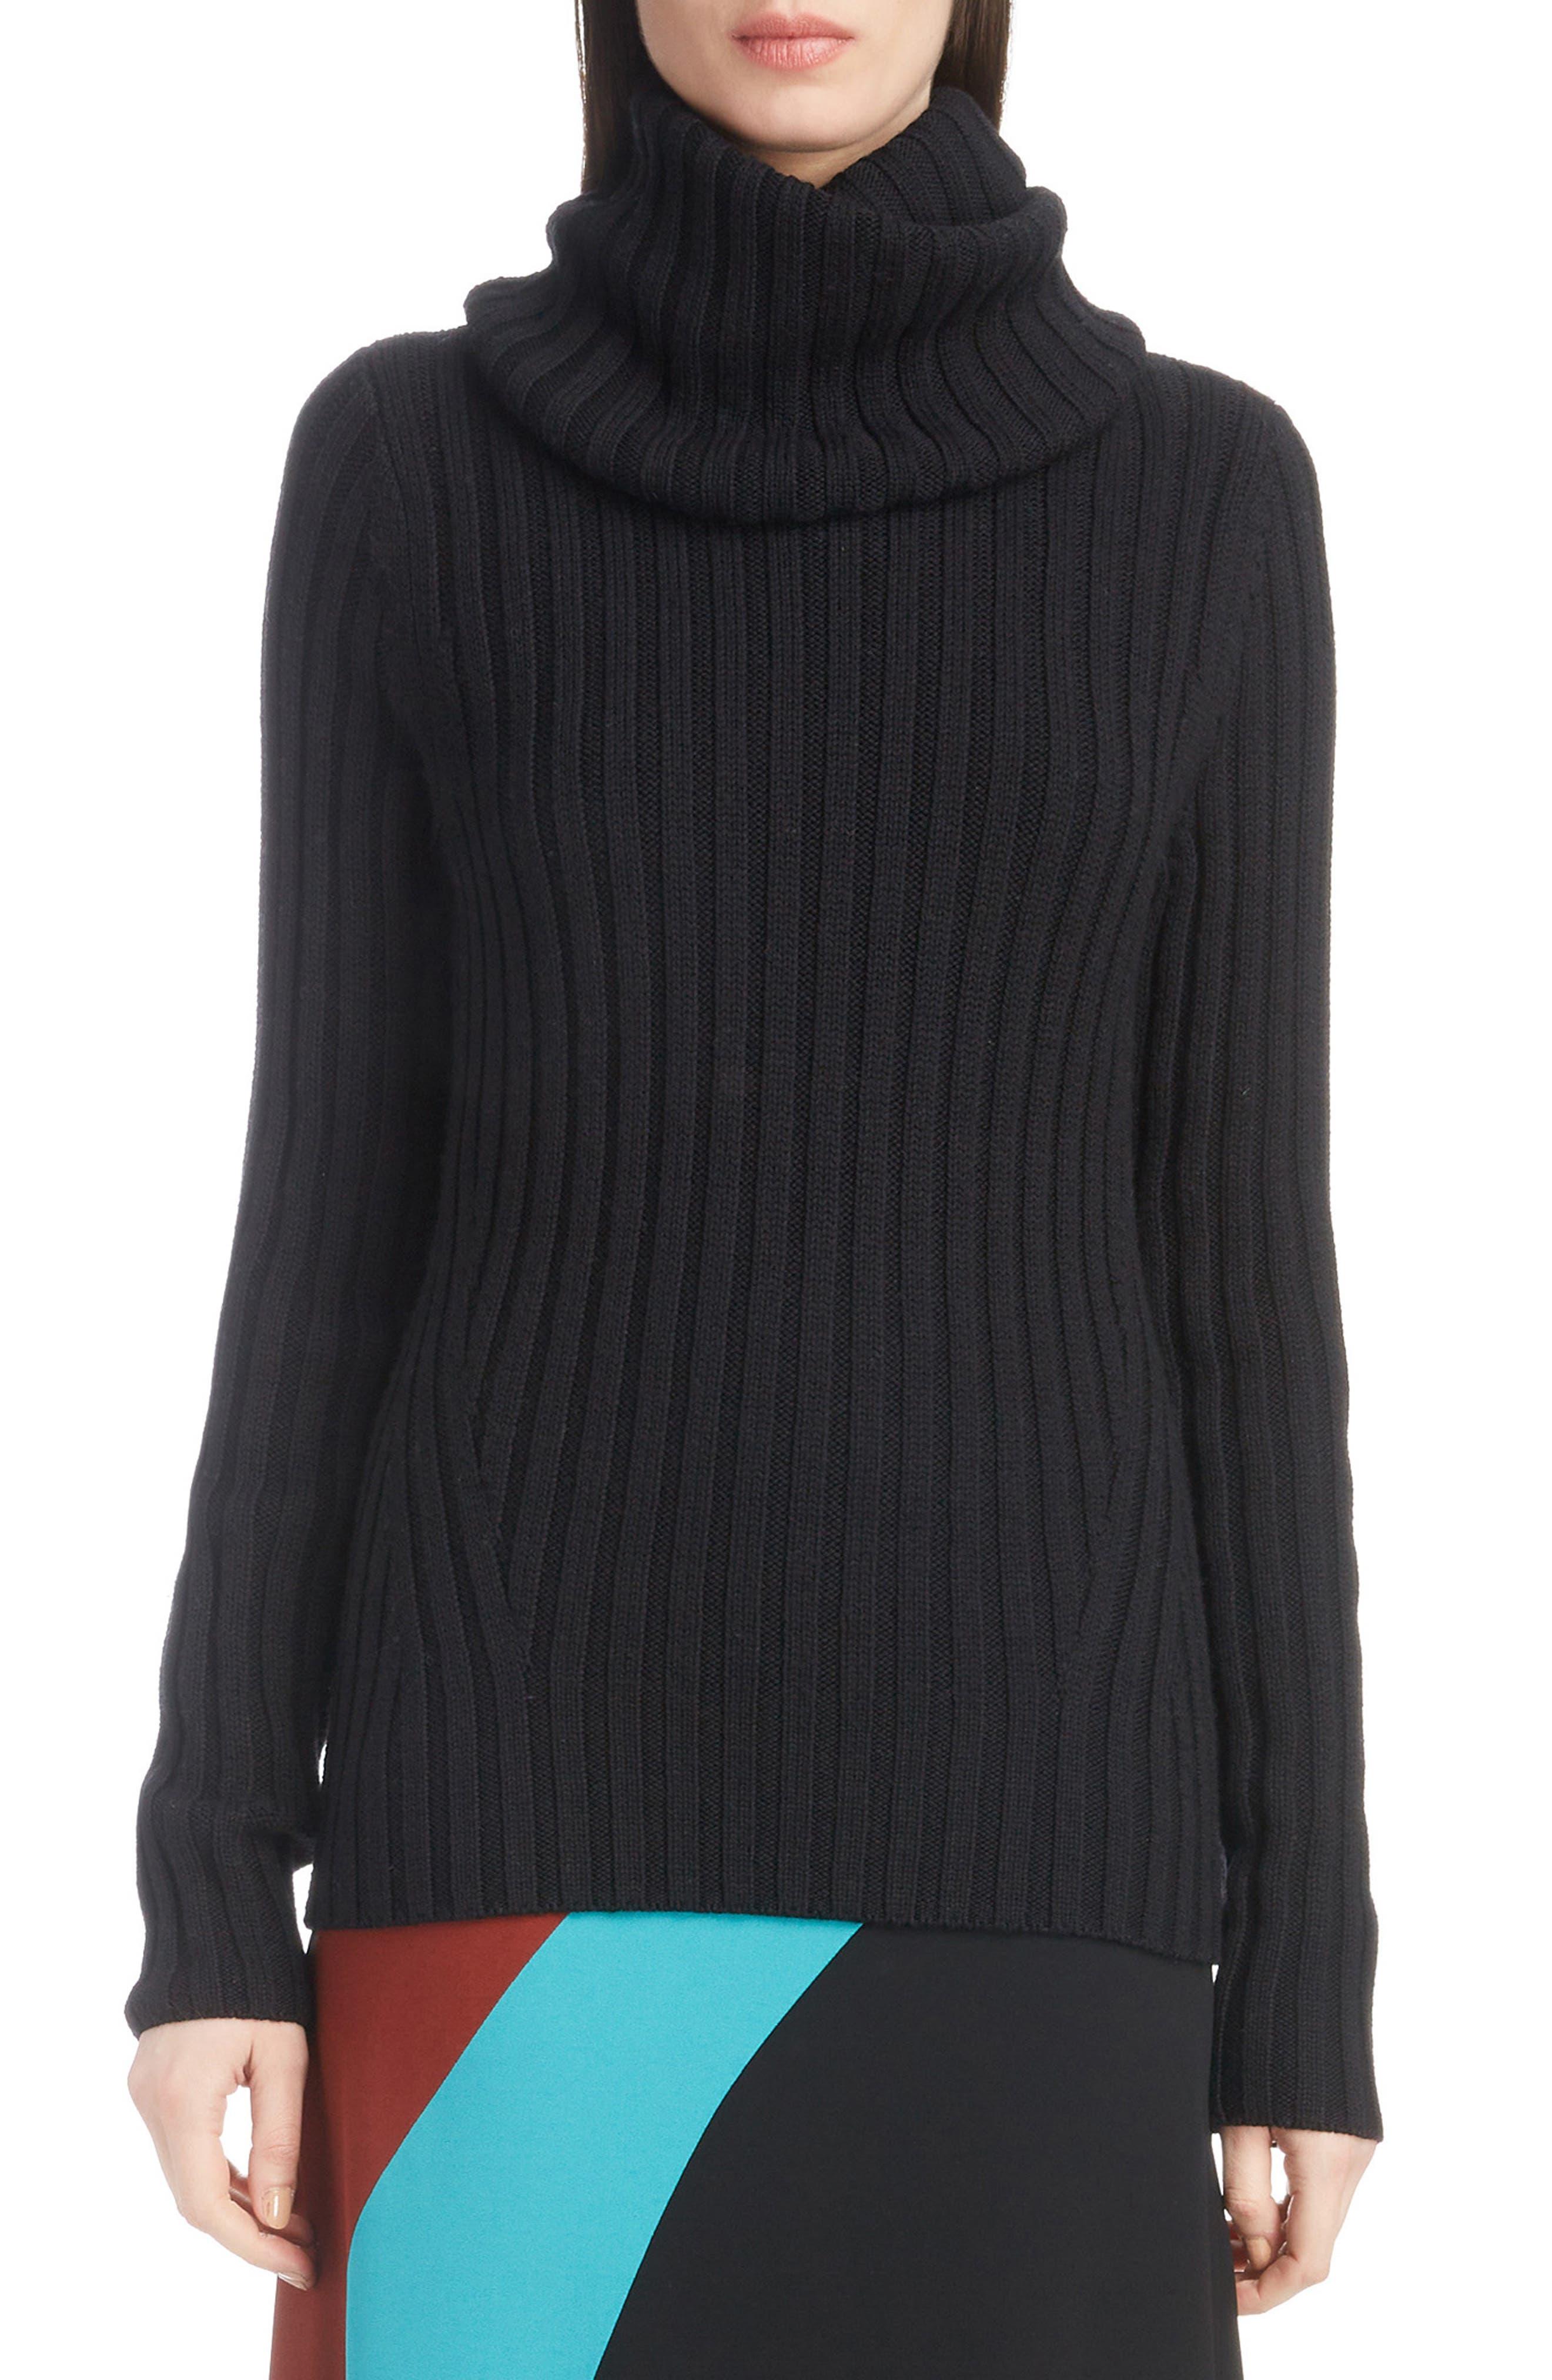 DRIES VAN NOTEN Turtleneck Wool Sweater, Main, color, BLACK